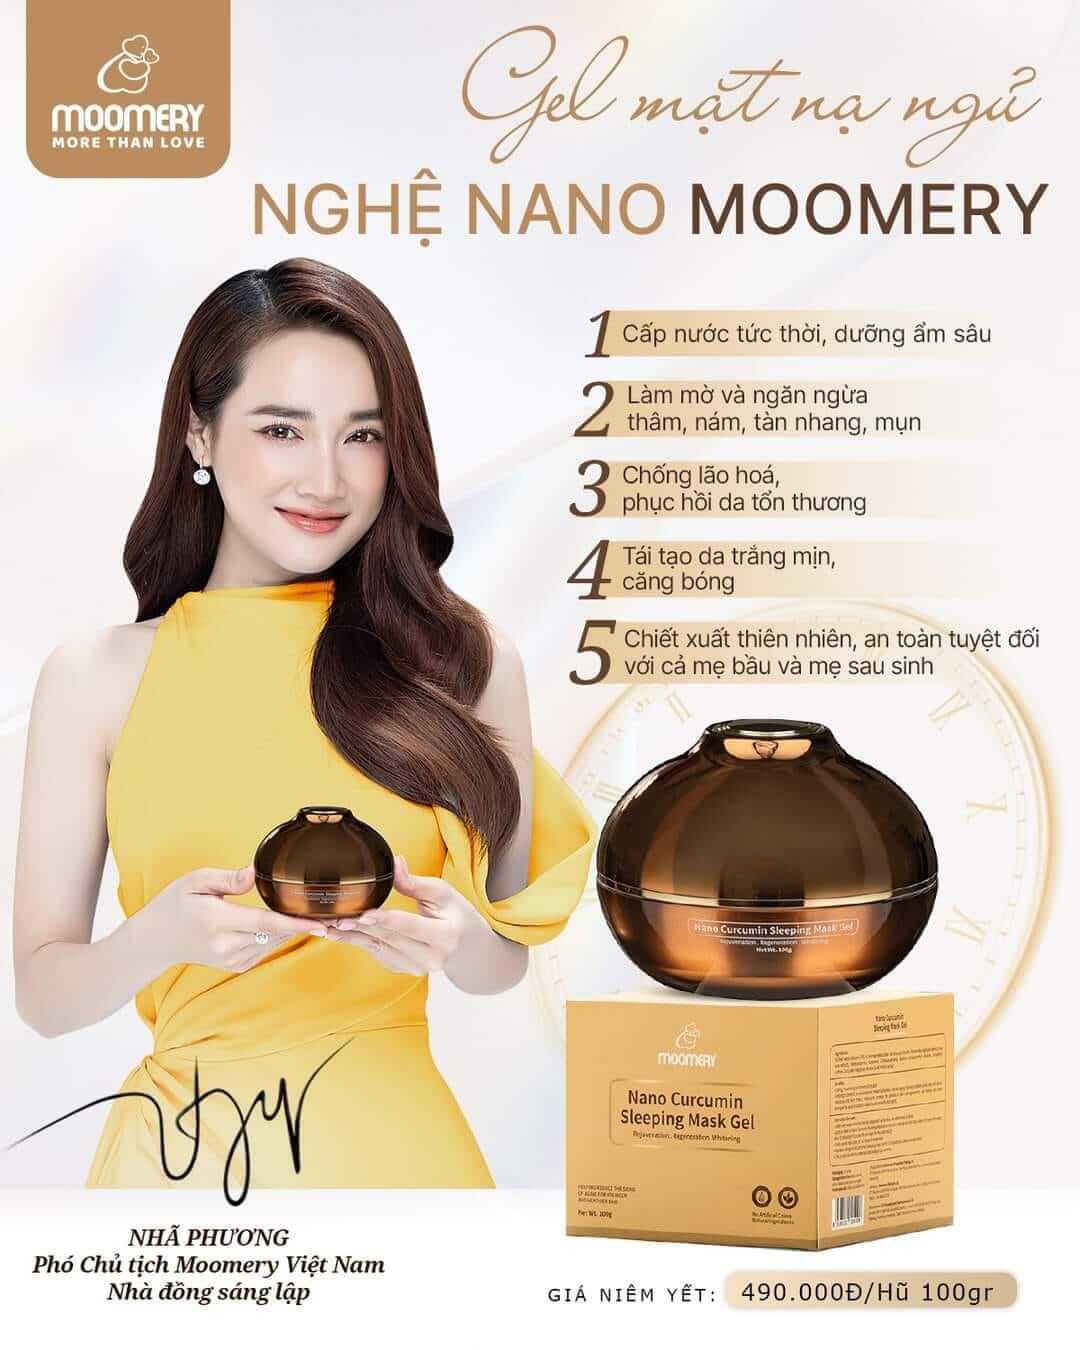 Công dụng gel mặt nạ ngủ nghệ Nano Moomery-madefresh.com.vn